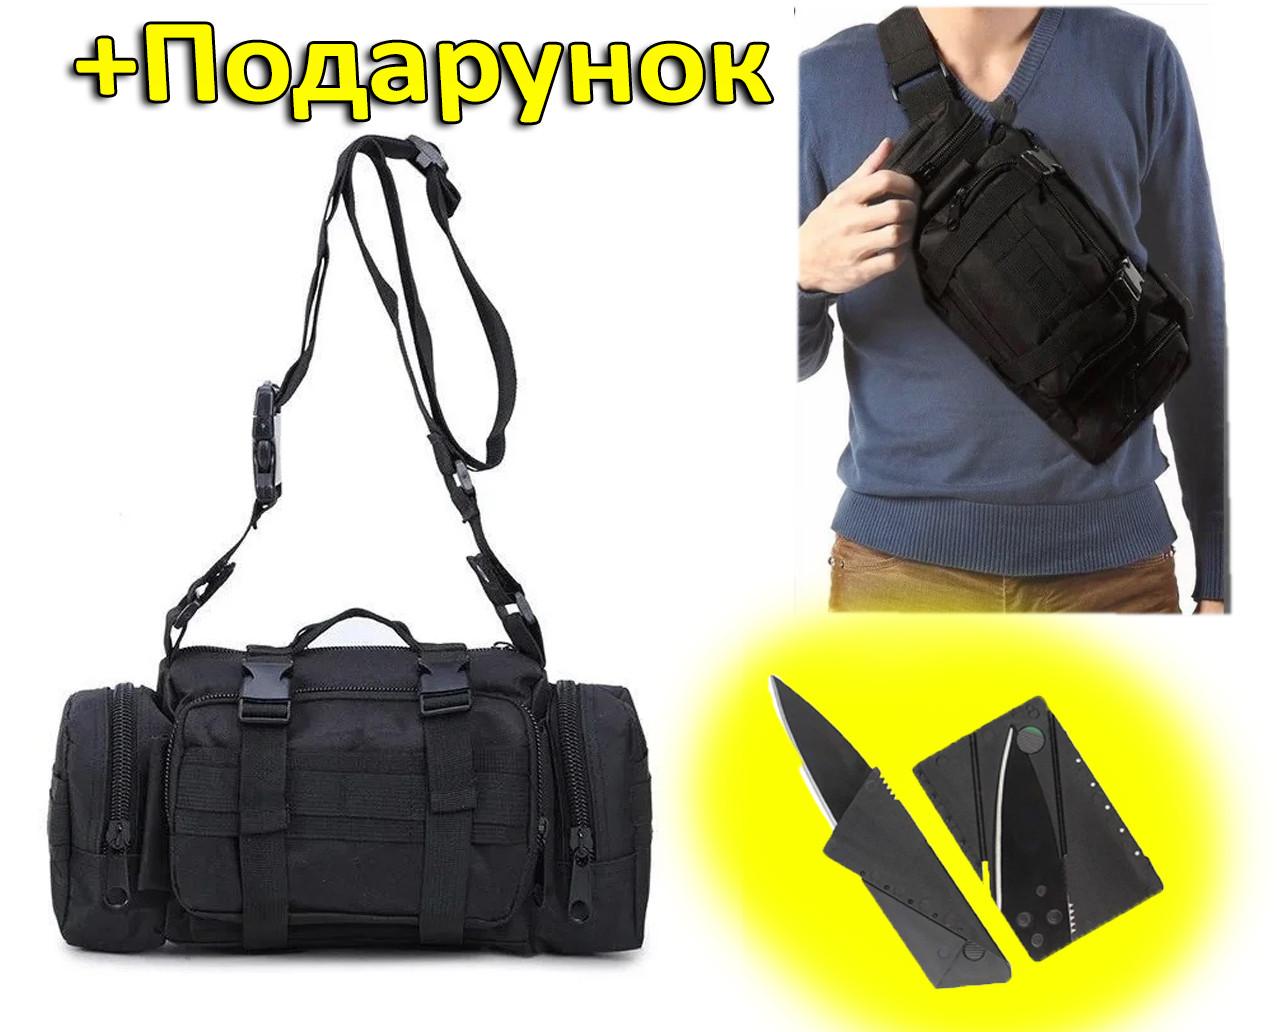 Мото сумка плечевая и пояс 6 Литров мото рюкзак многоцелевой